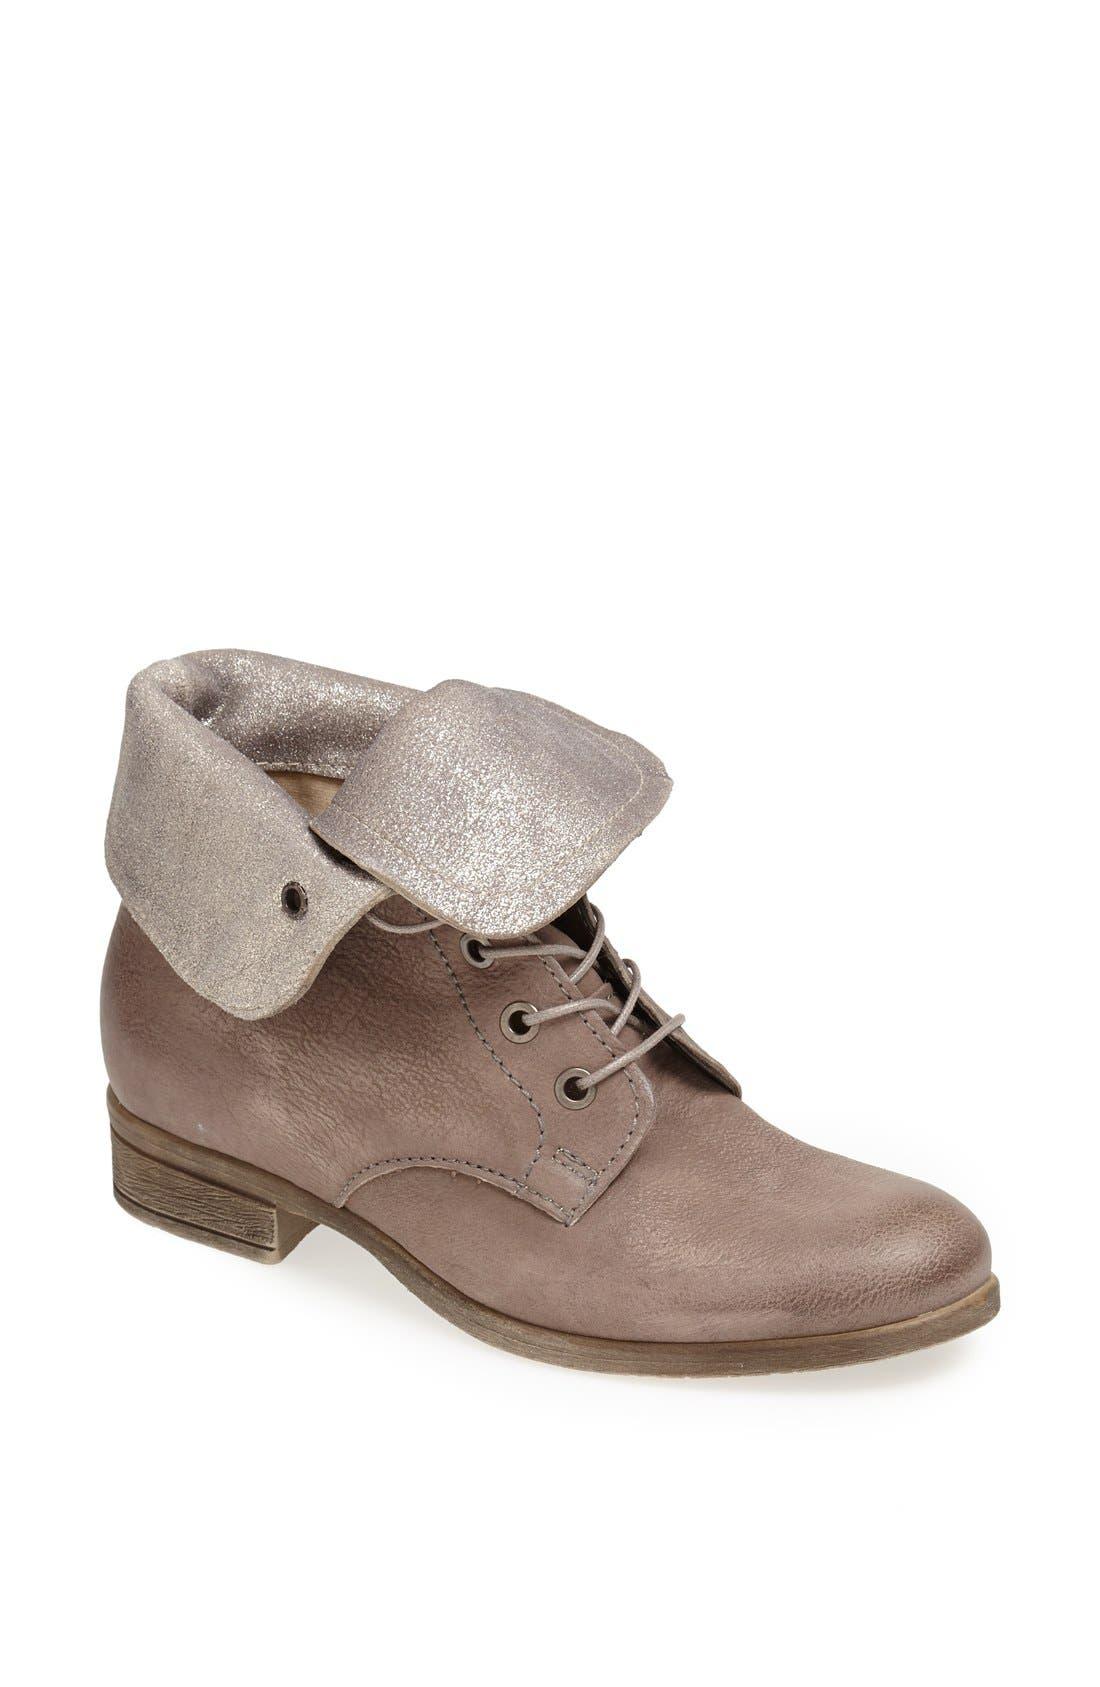 Alternate Image 1 Selected - MJUS 'Portia' Boot